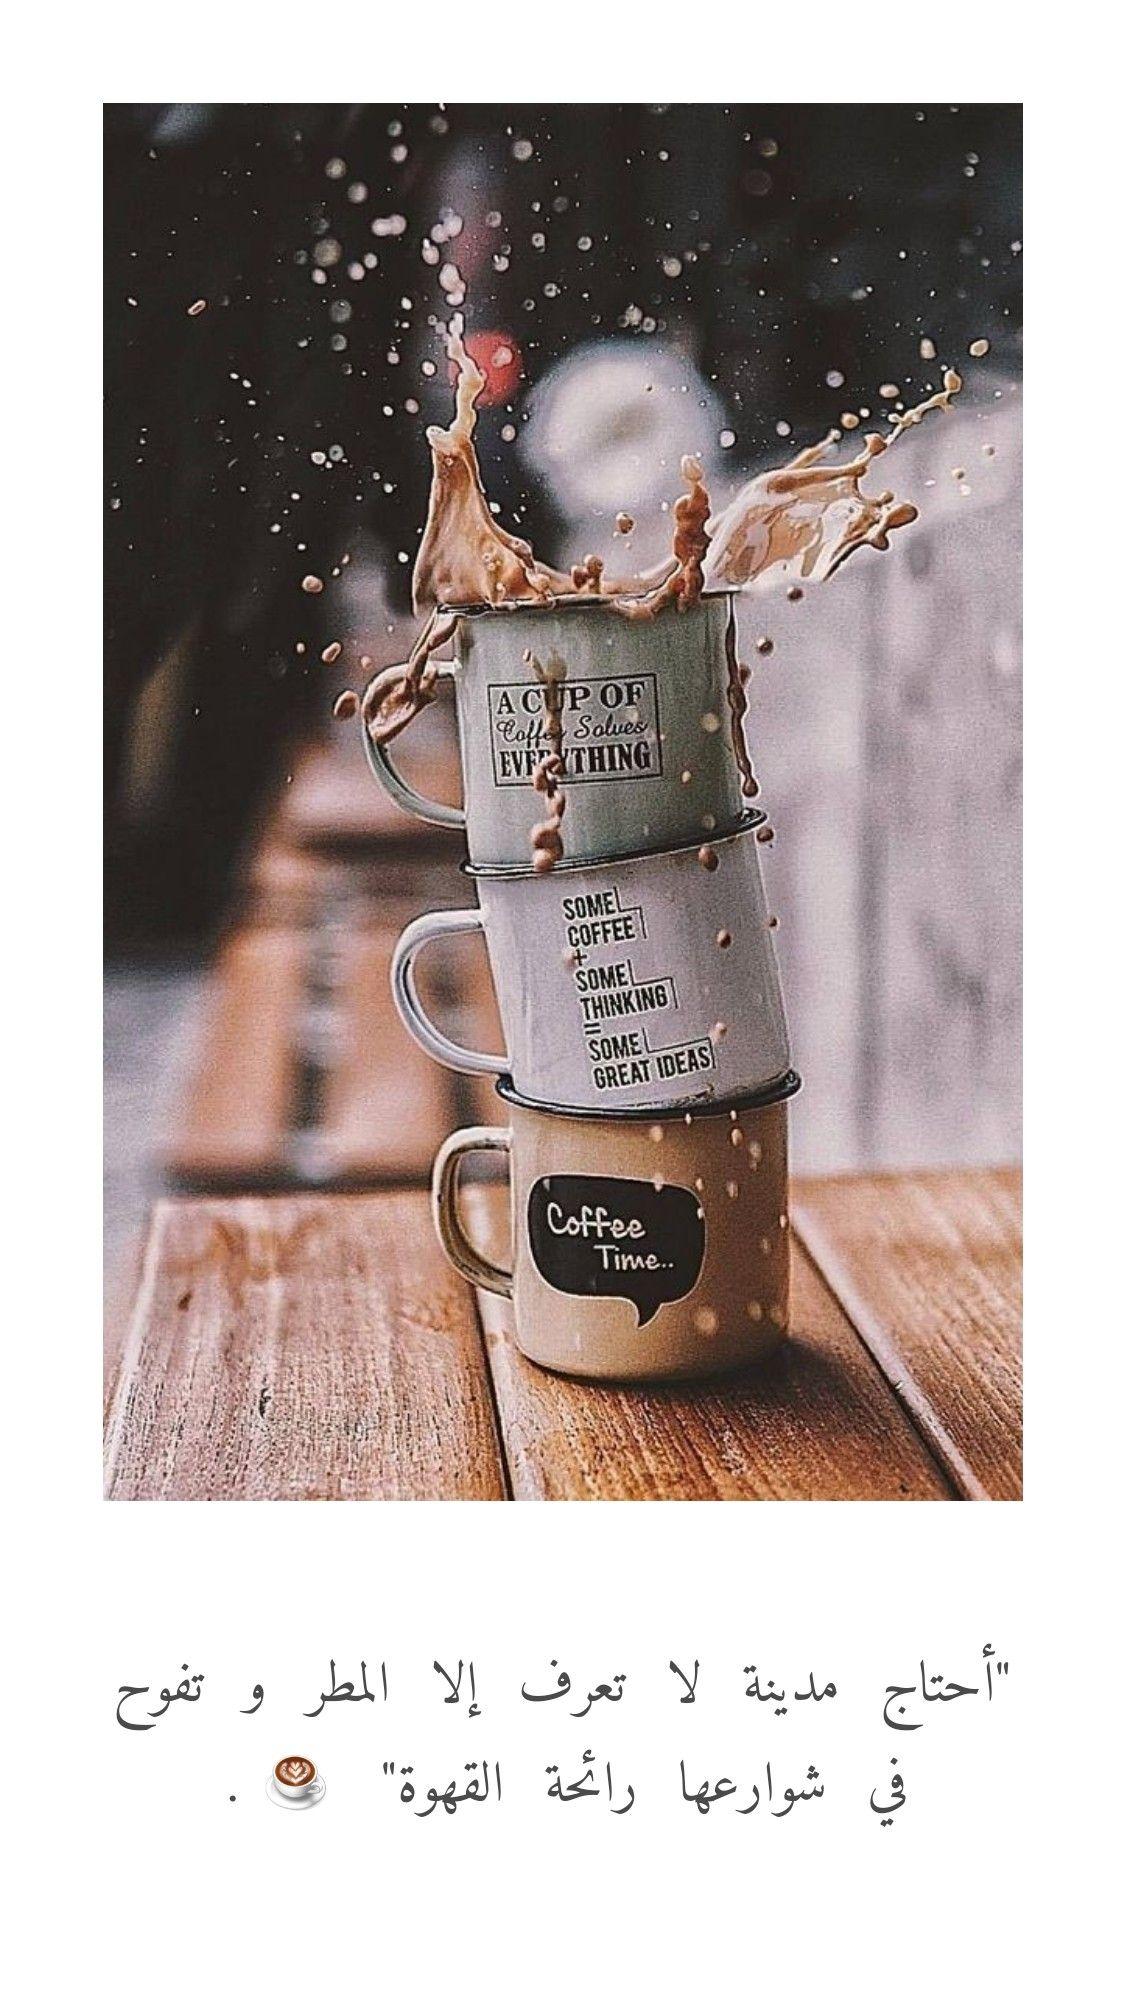 أحتاج مدينة لا تعرف إلا المطر و تفوح في شوارعها رائحة القهوة Coffee Coffee Tea Greatful